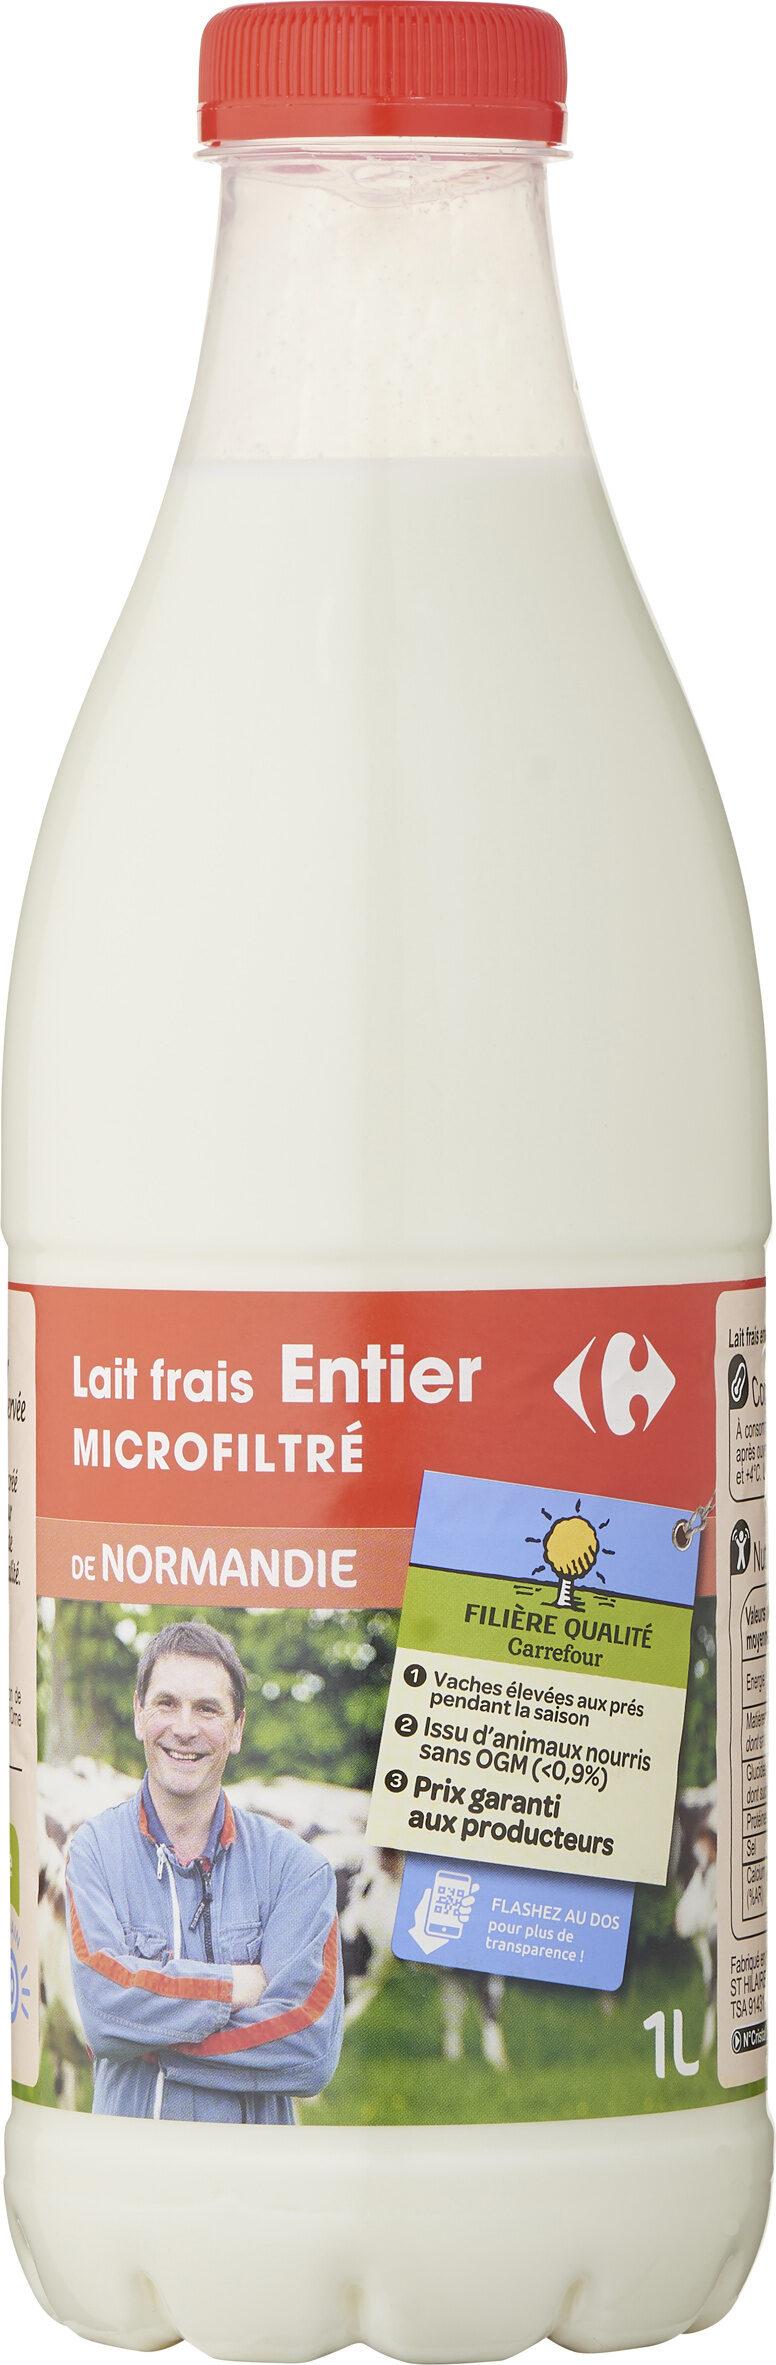 Lait frais entier microfiltré - Produit - fr